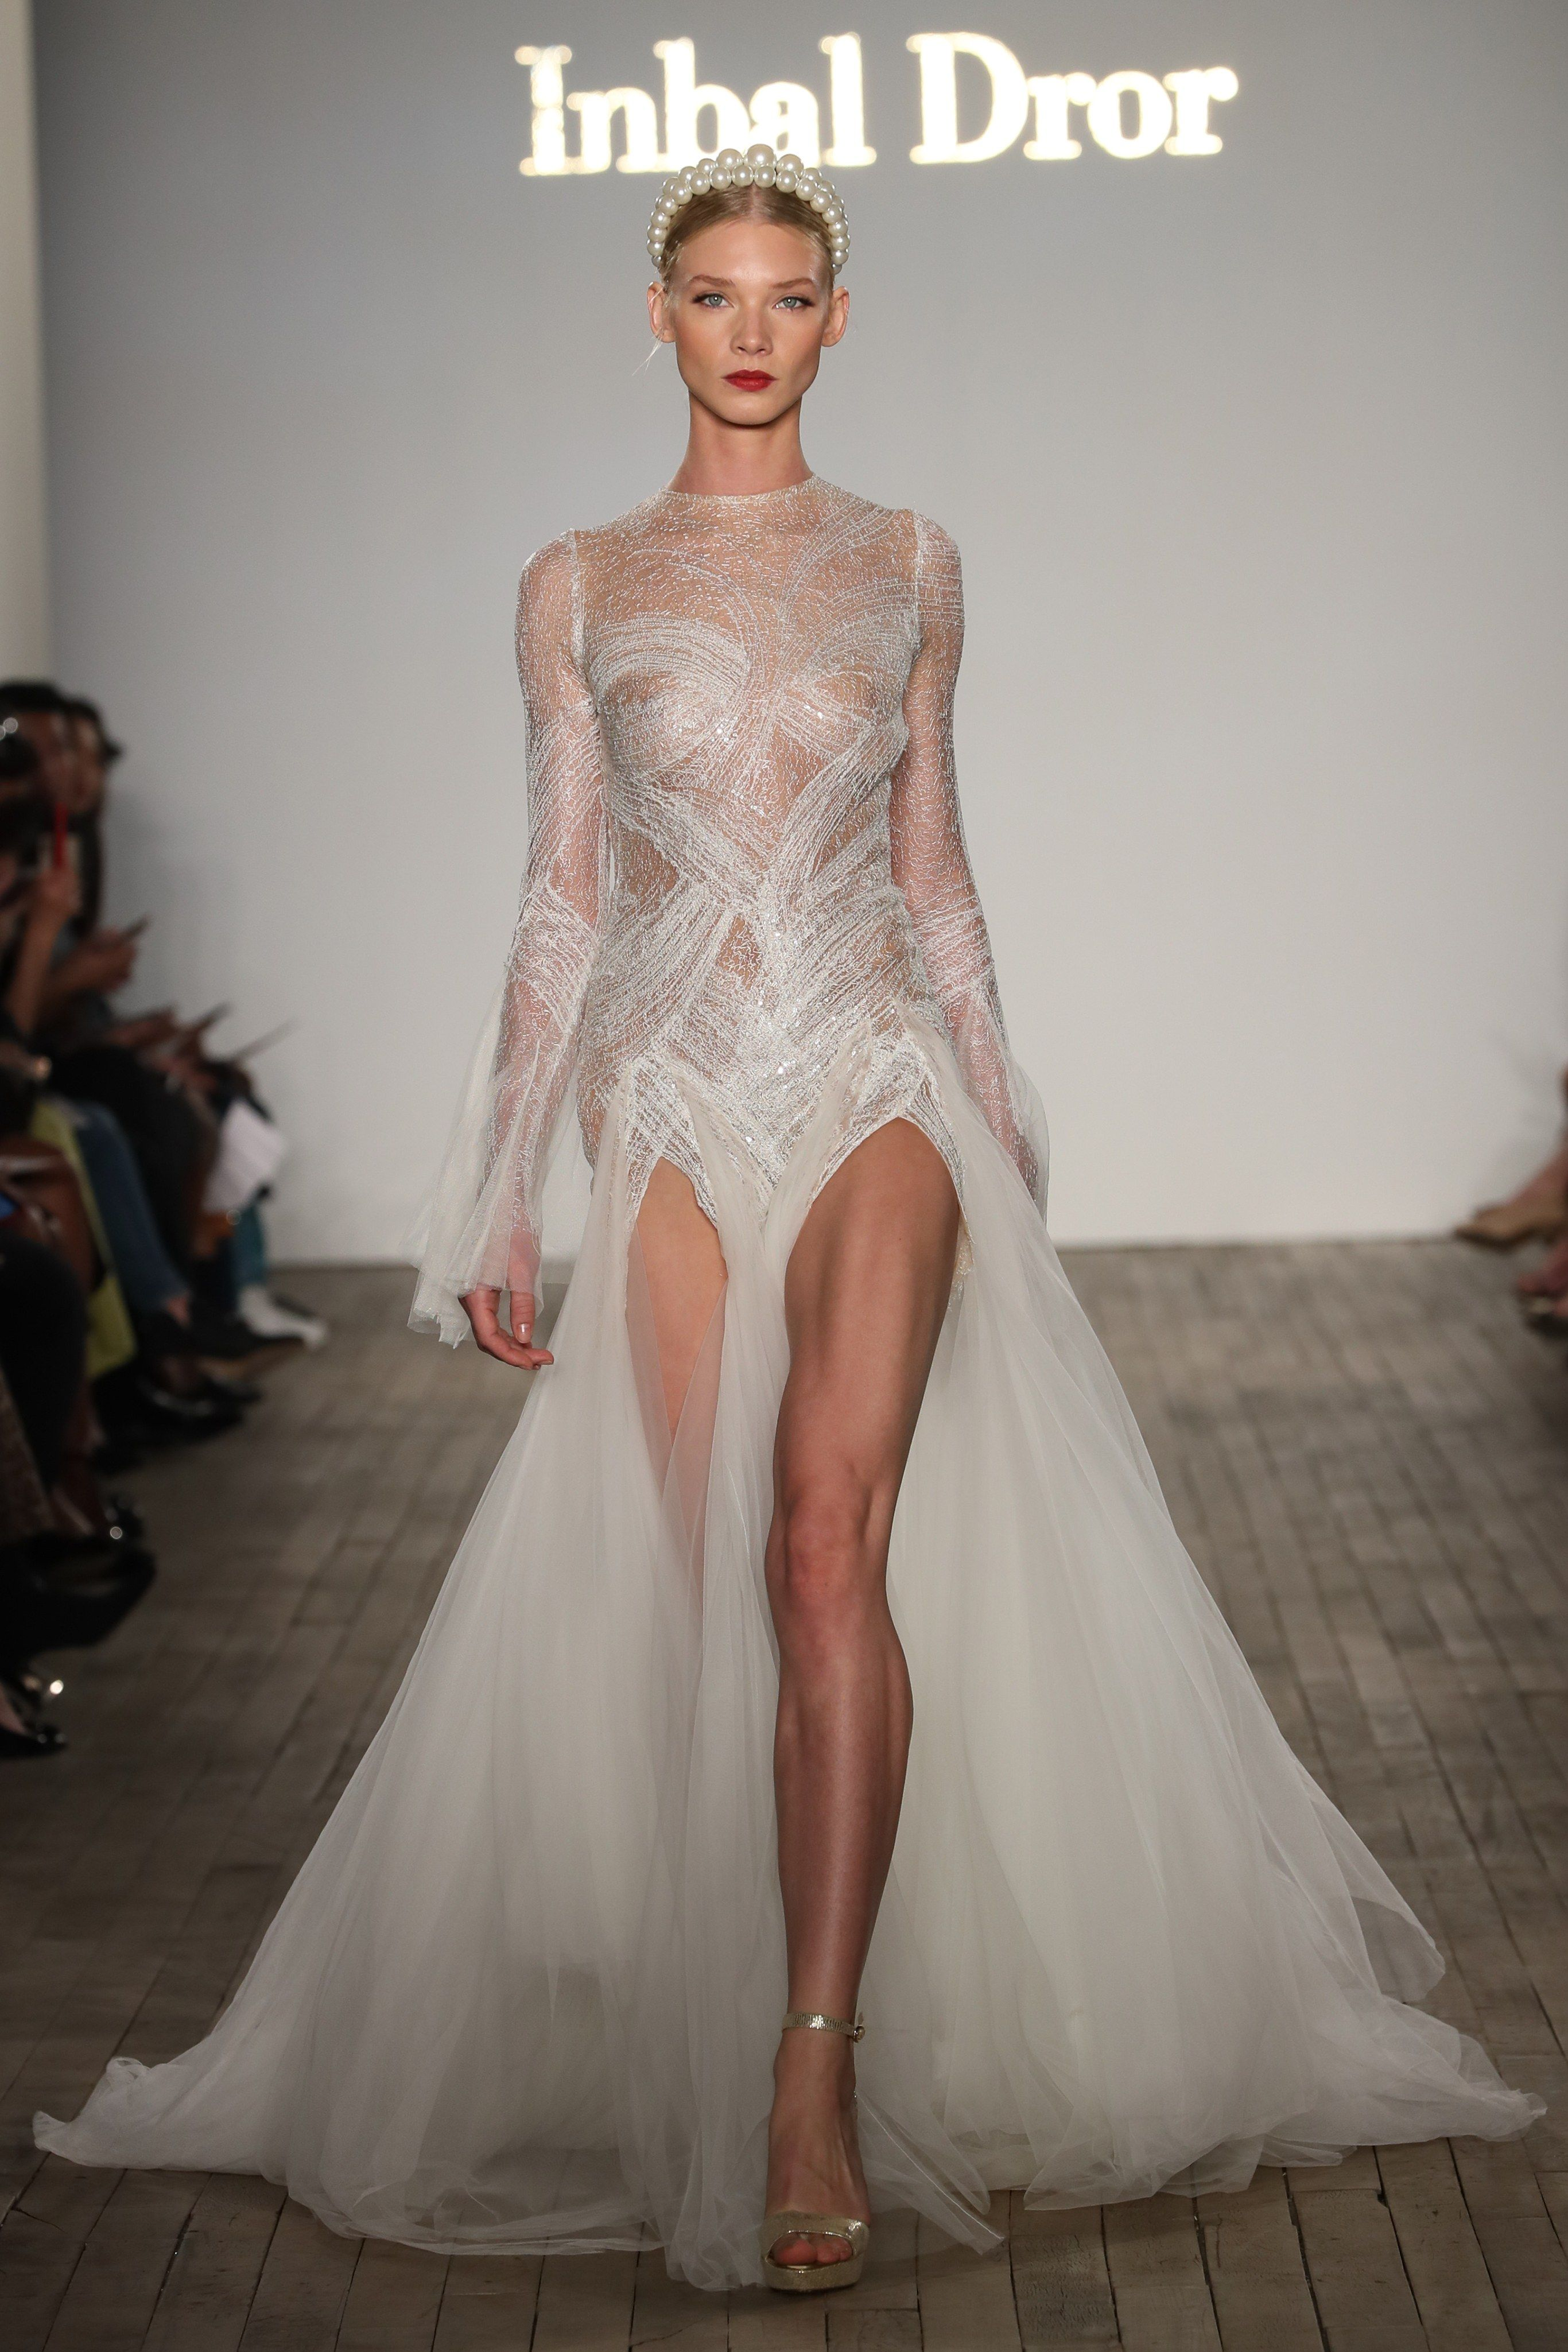 Inbal Dror Bridal Fall 2019 Fashion Show Wedding dress